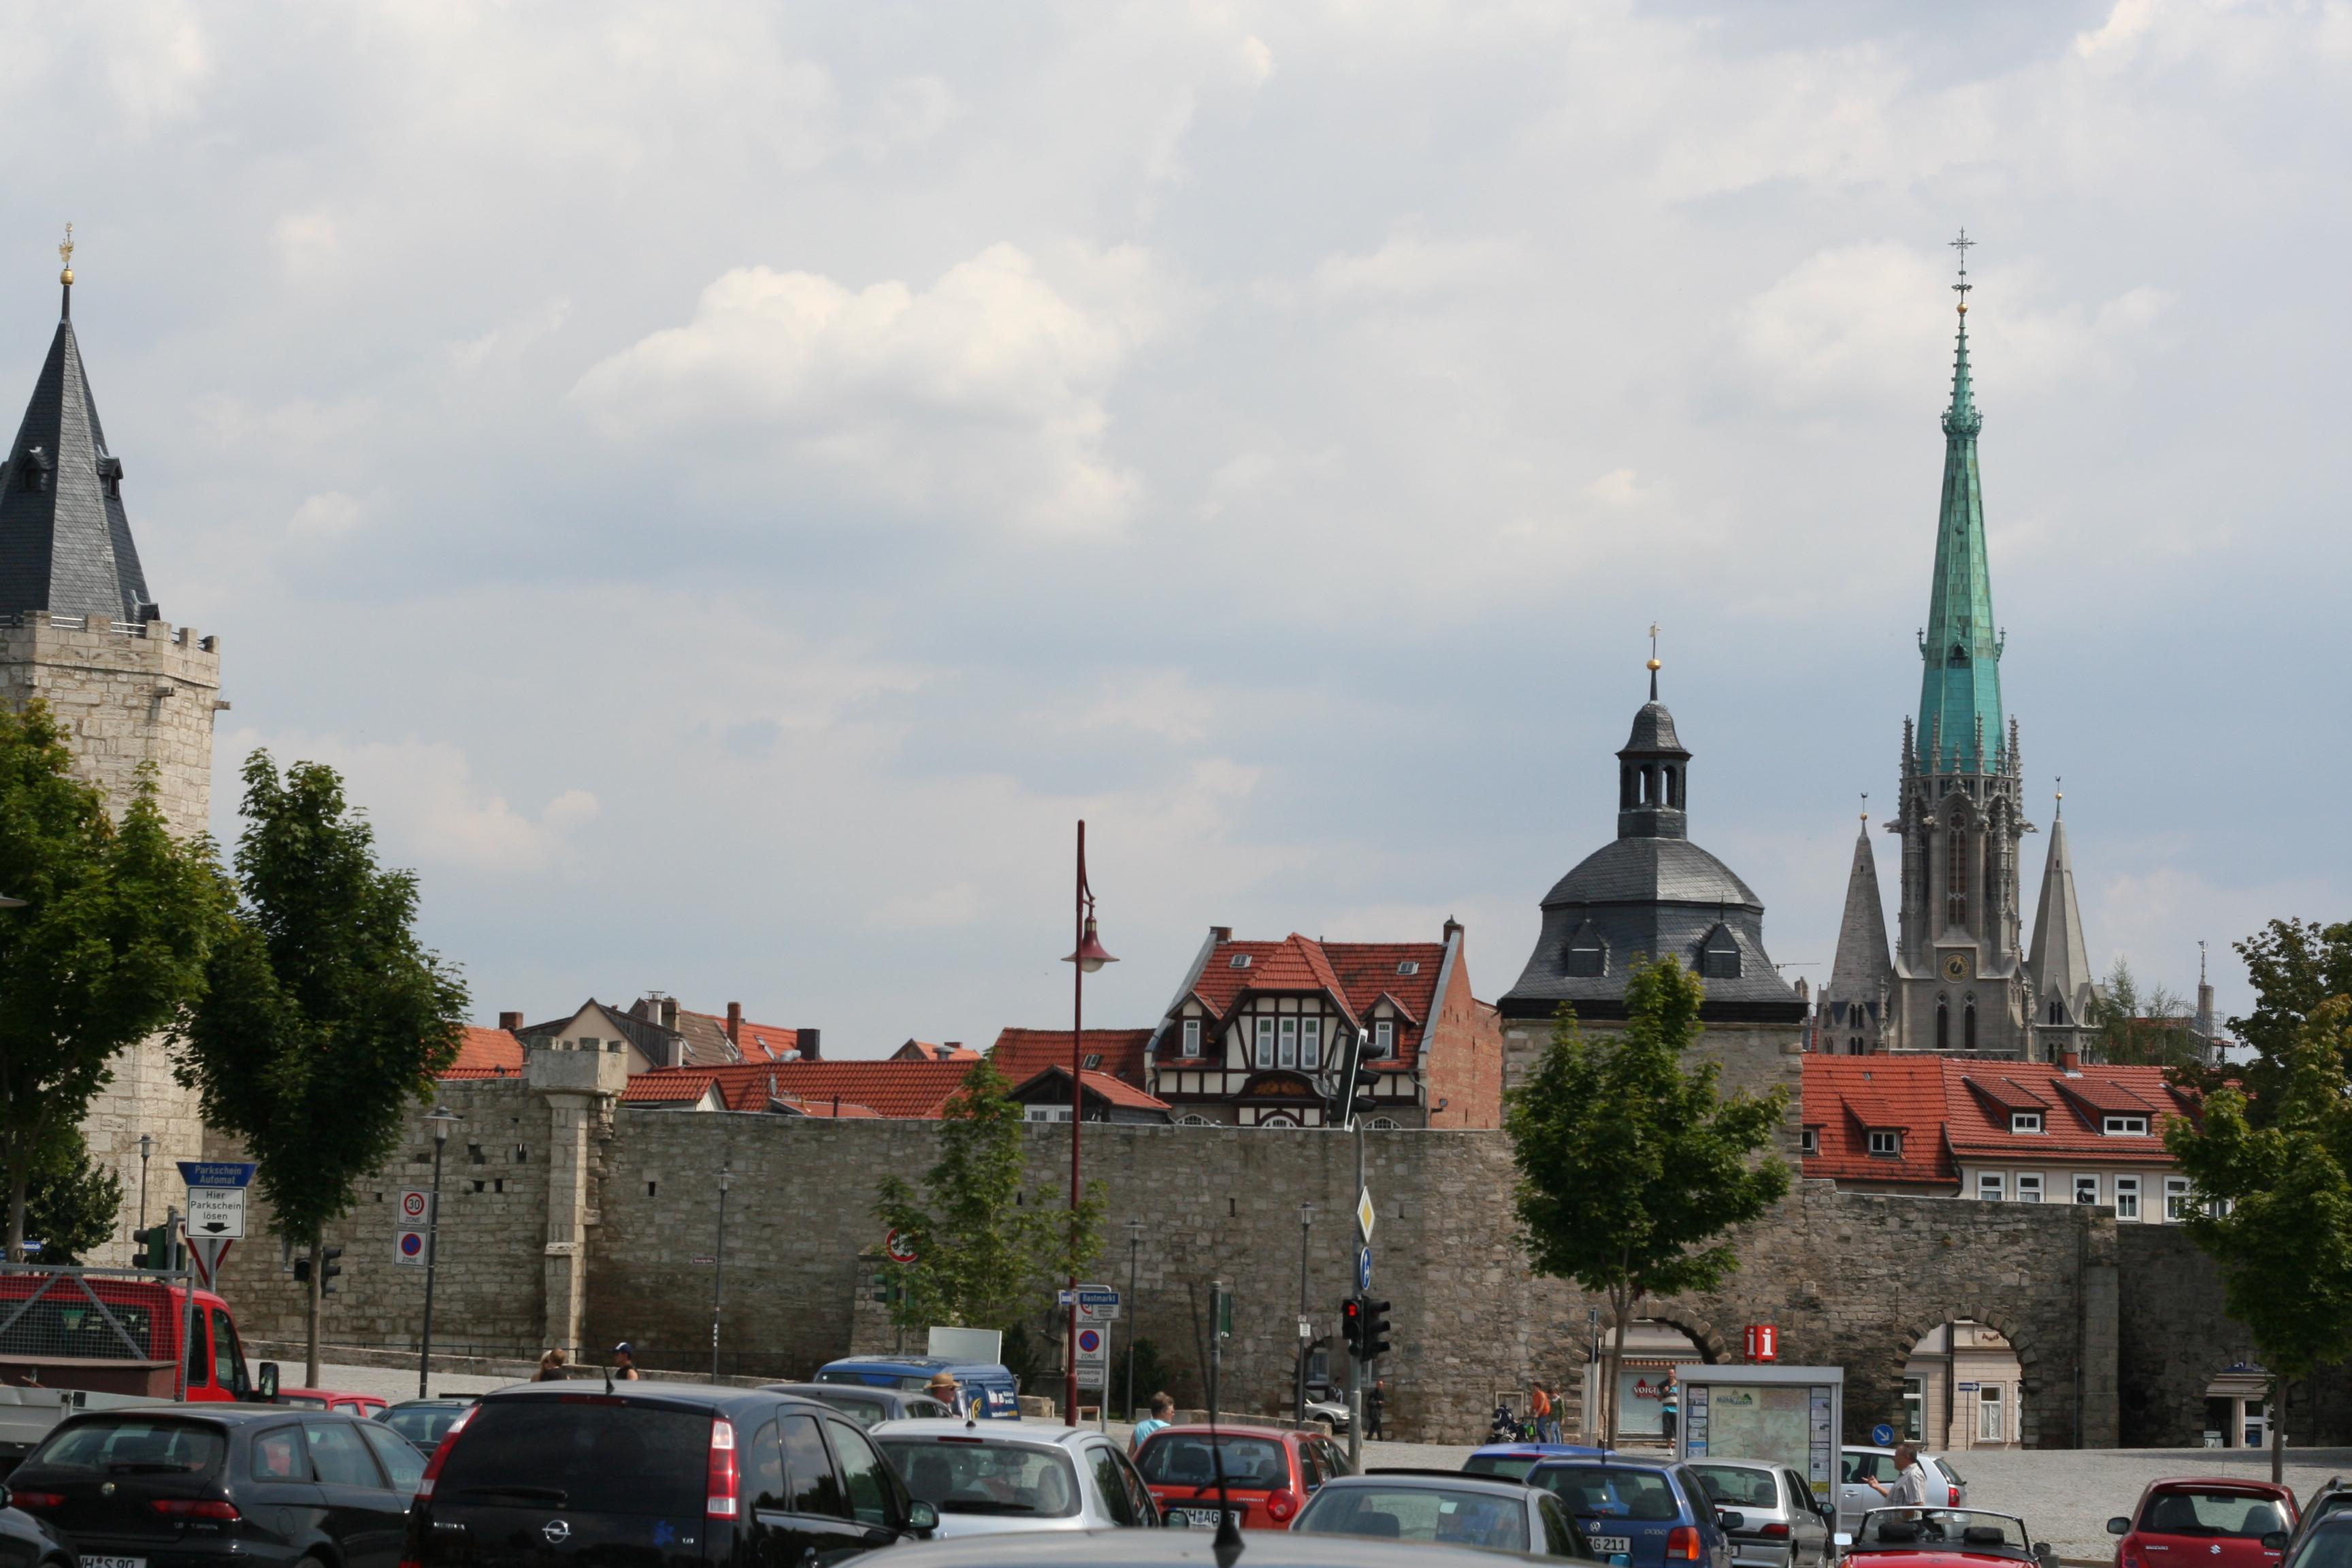 Blick auf Mühlhausen-Thüringen mit Stadtmauer und seinen Türmen